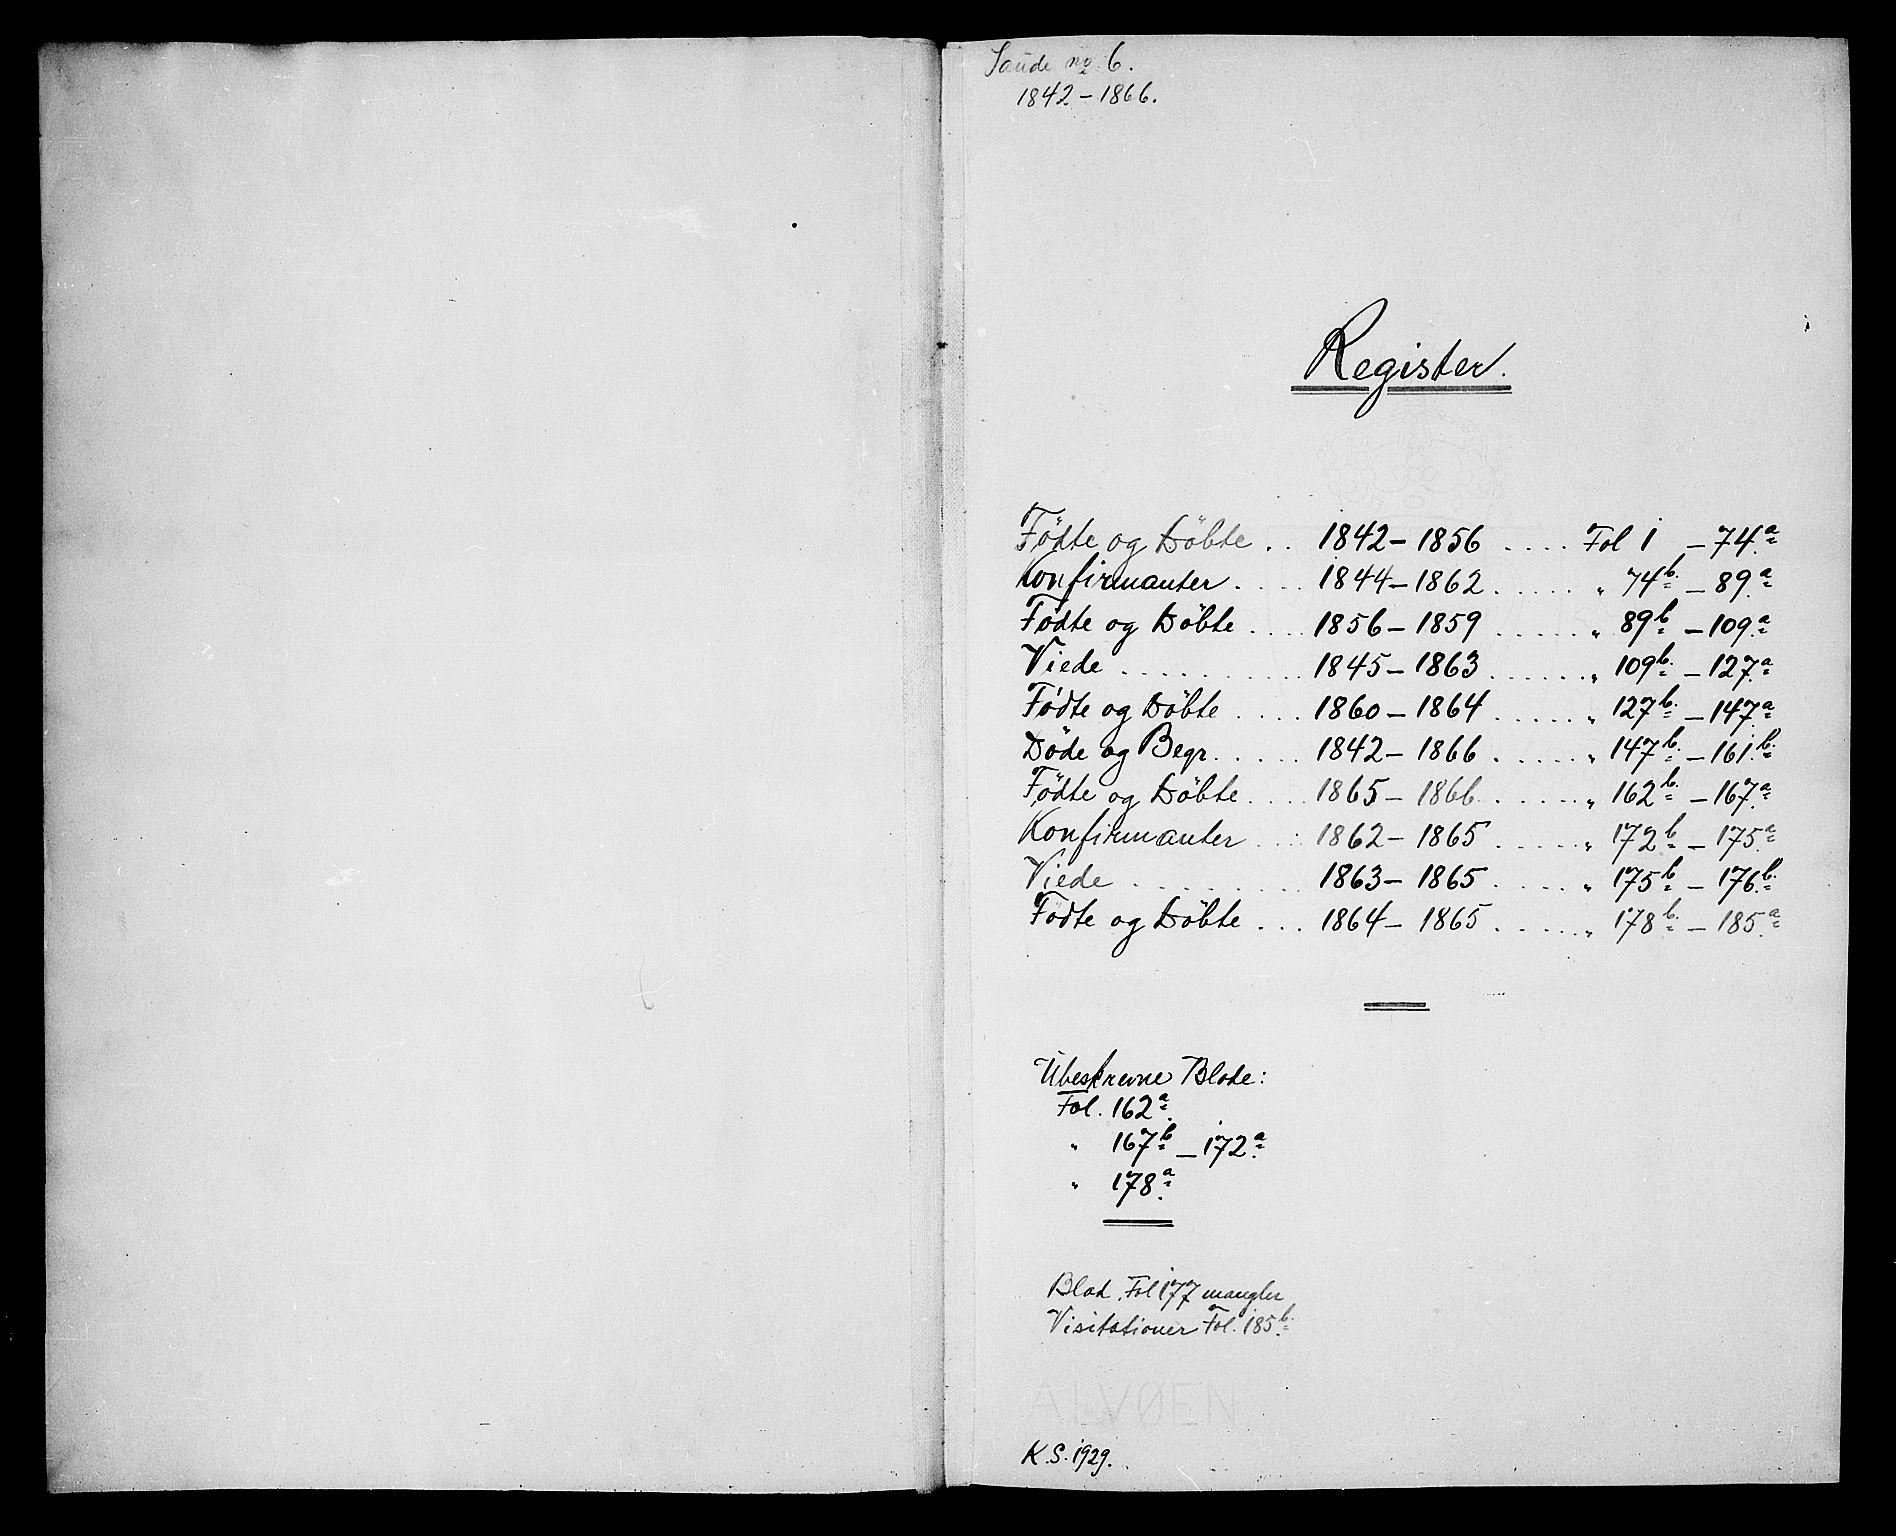 SAKO, Sauherad kirkebøker, G/Ga/L0002: Klokkerbok nr. I 2, 1842-1866